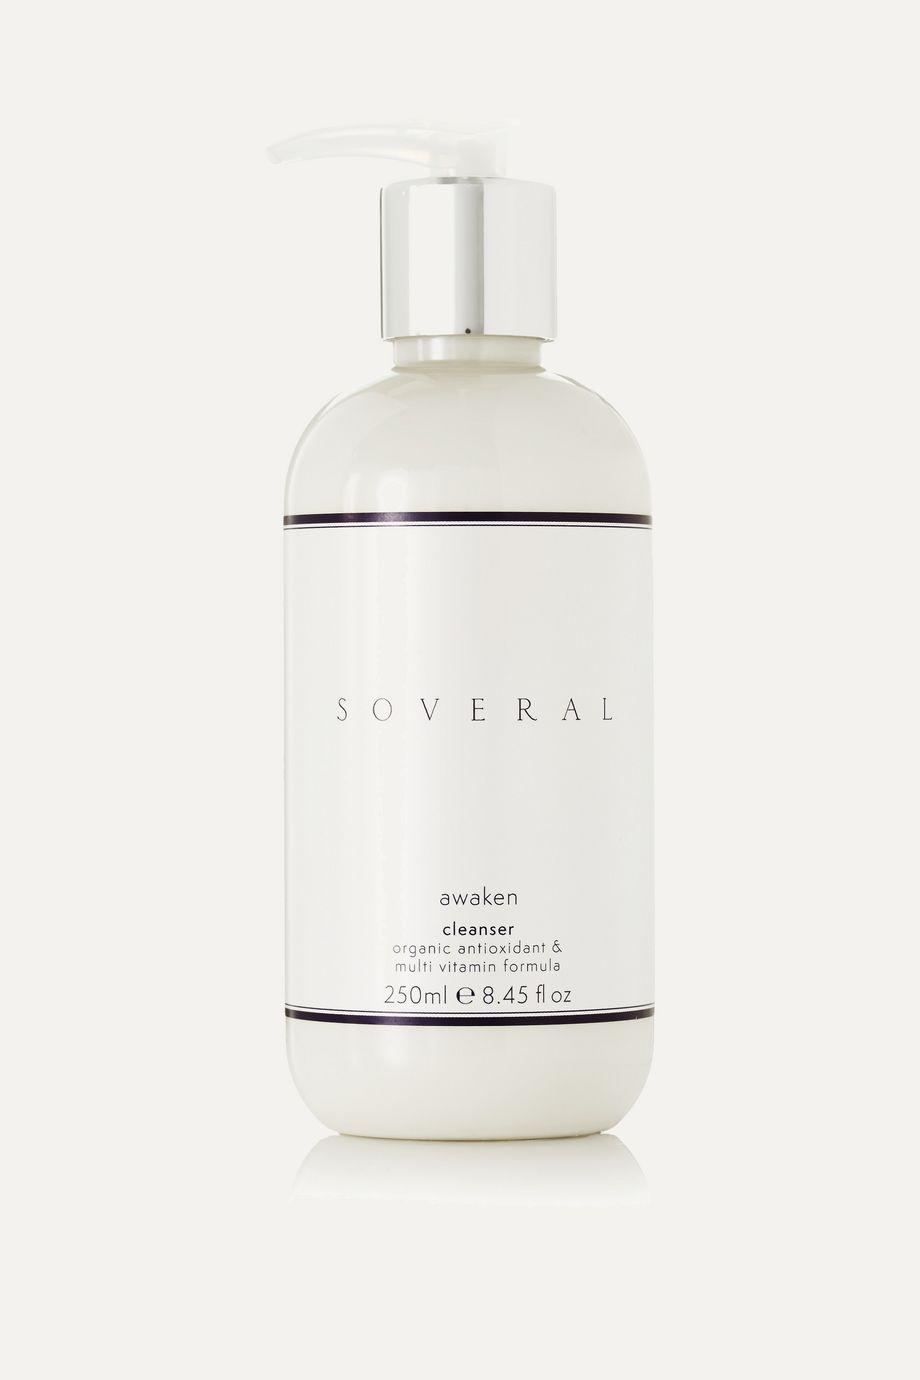 SOVERAL Awaken Cleanser, 250 ml – Reinigungsmilch